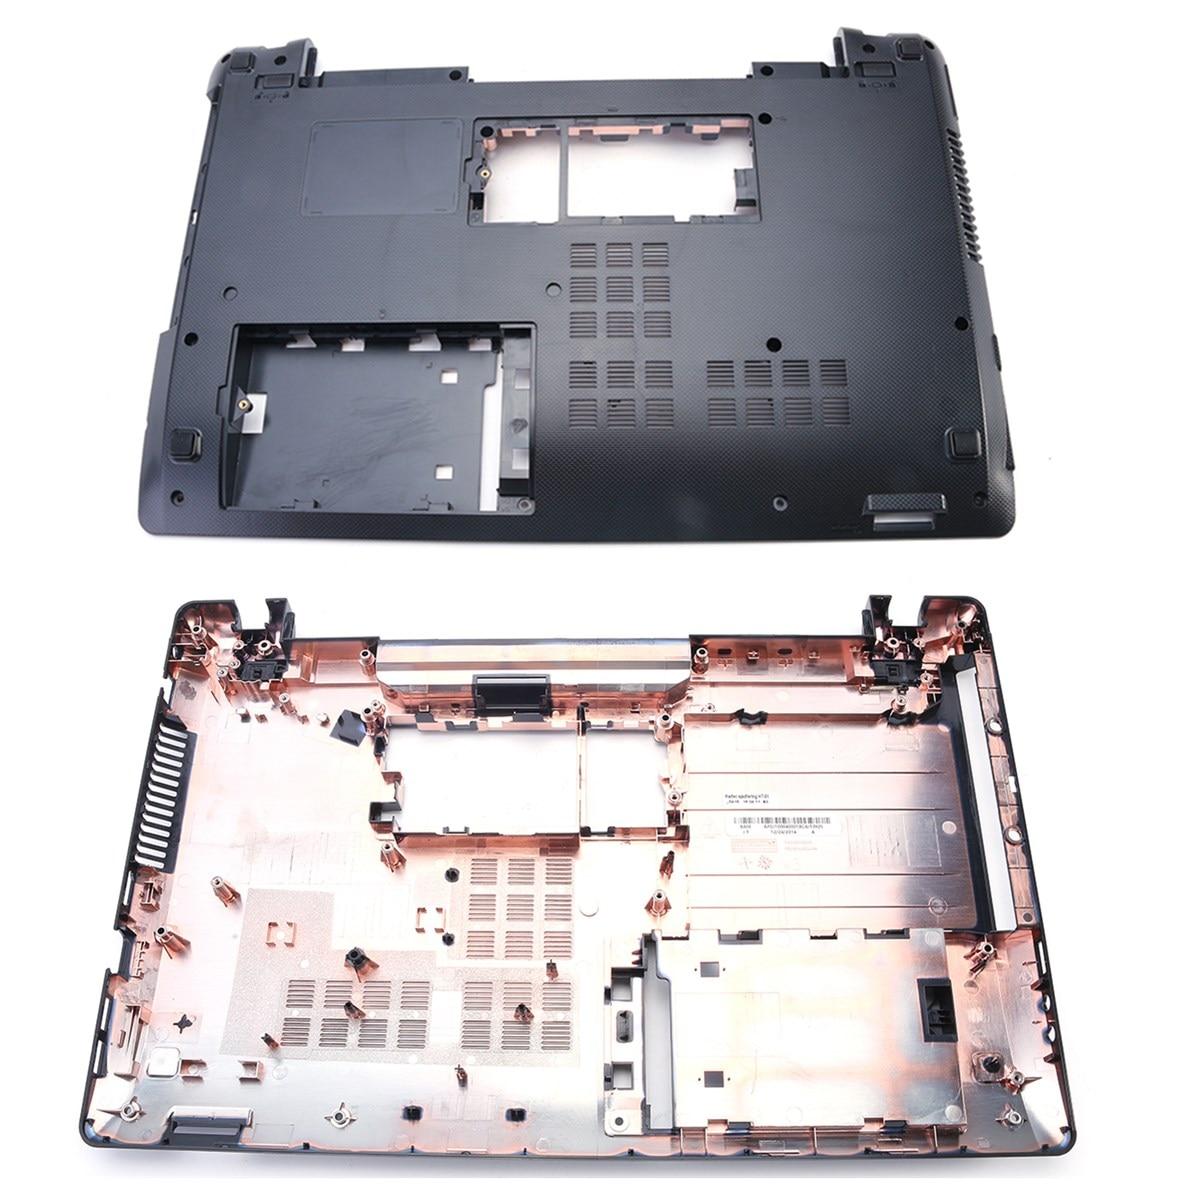 font b Laptop b font Cover For ASUS K53U K53T K53B X53T K53BR K53BY K53TA